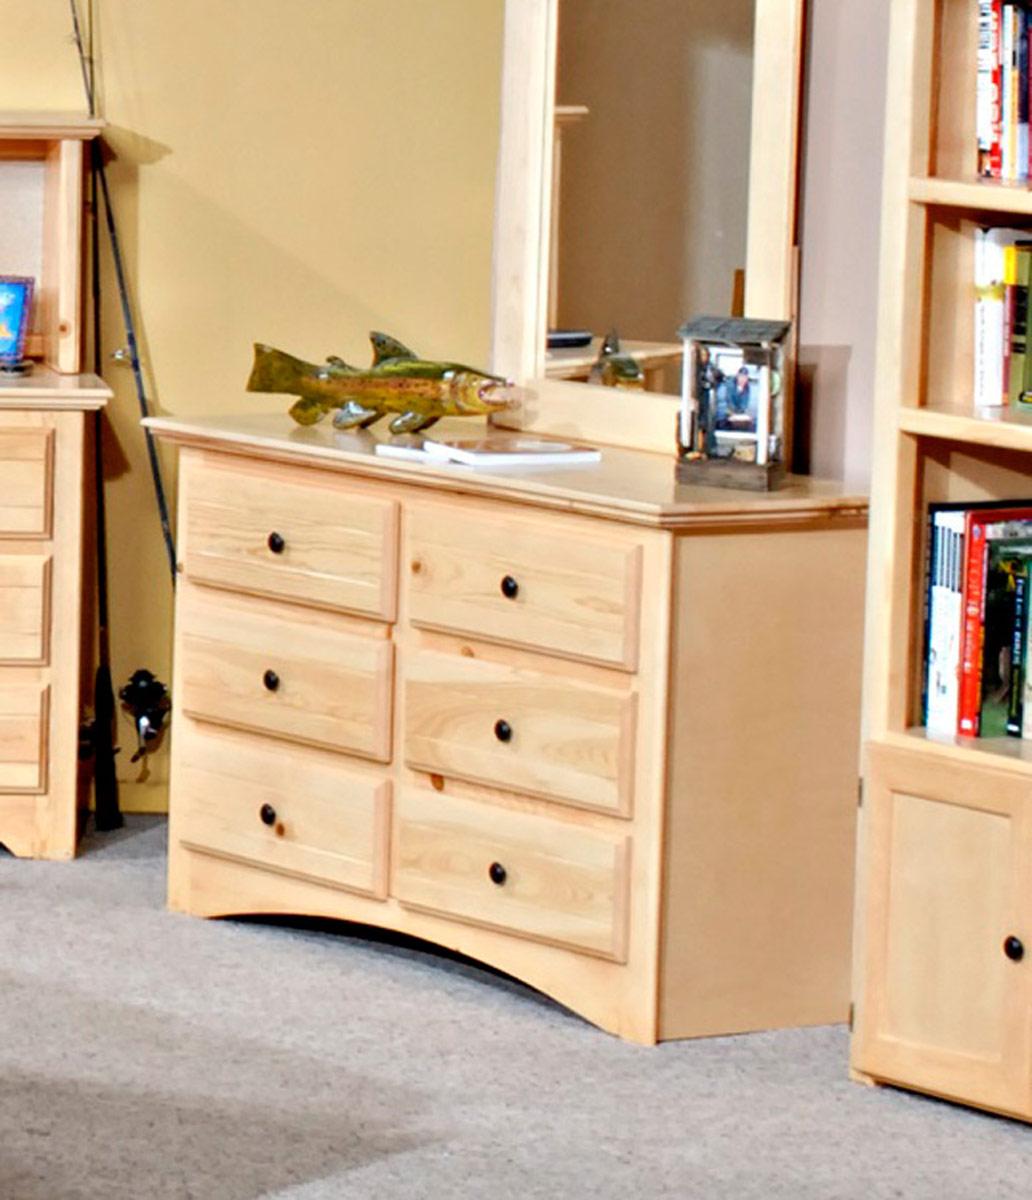 Chelsea Home 3524470 6 Drawer Dresser - Desert Sand